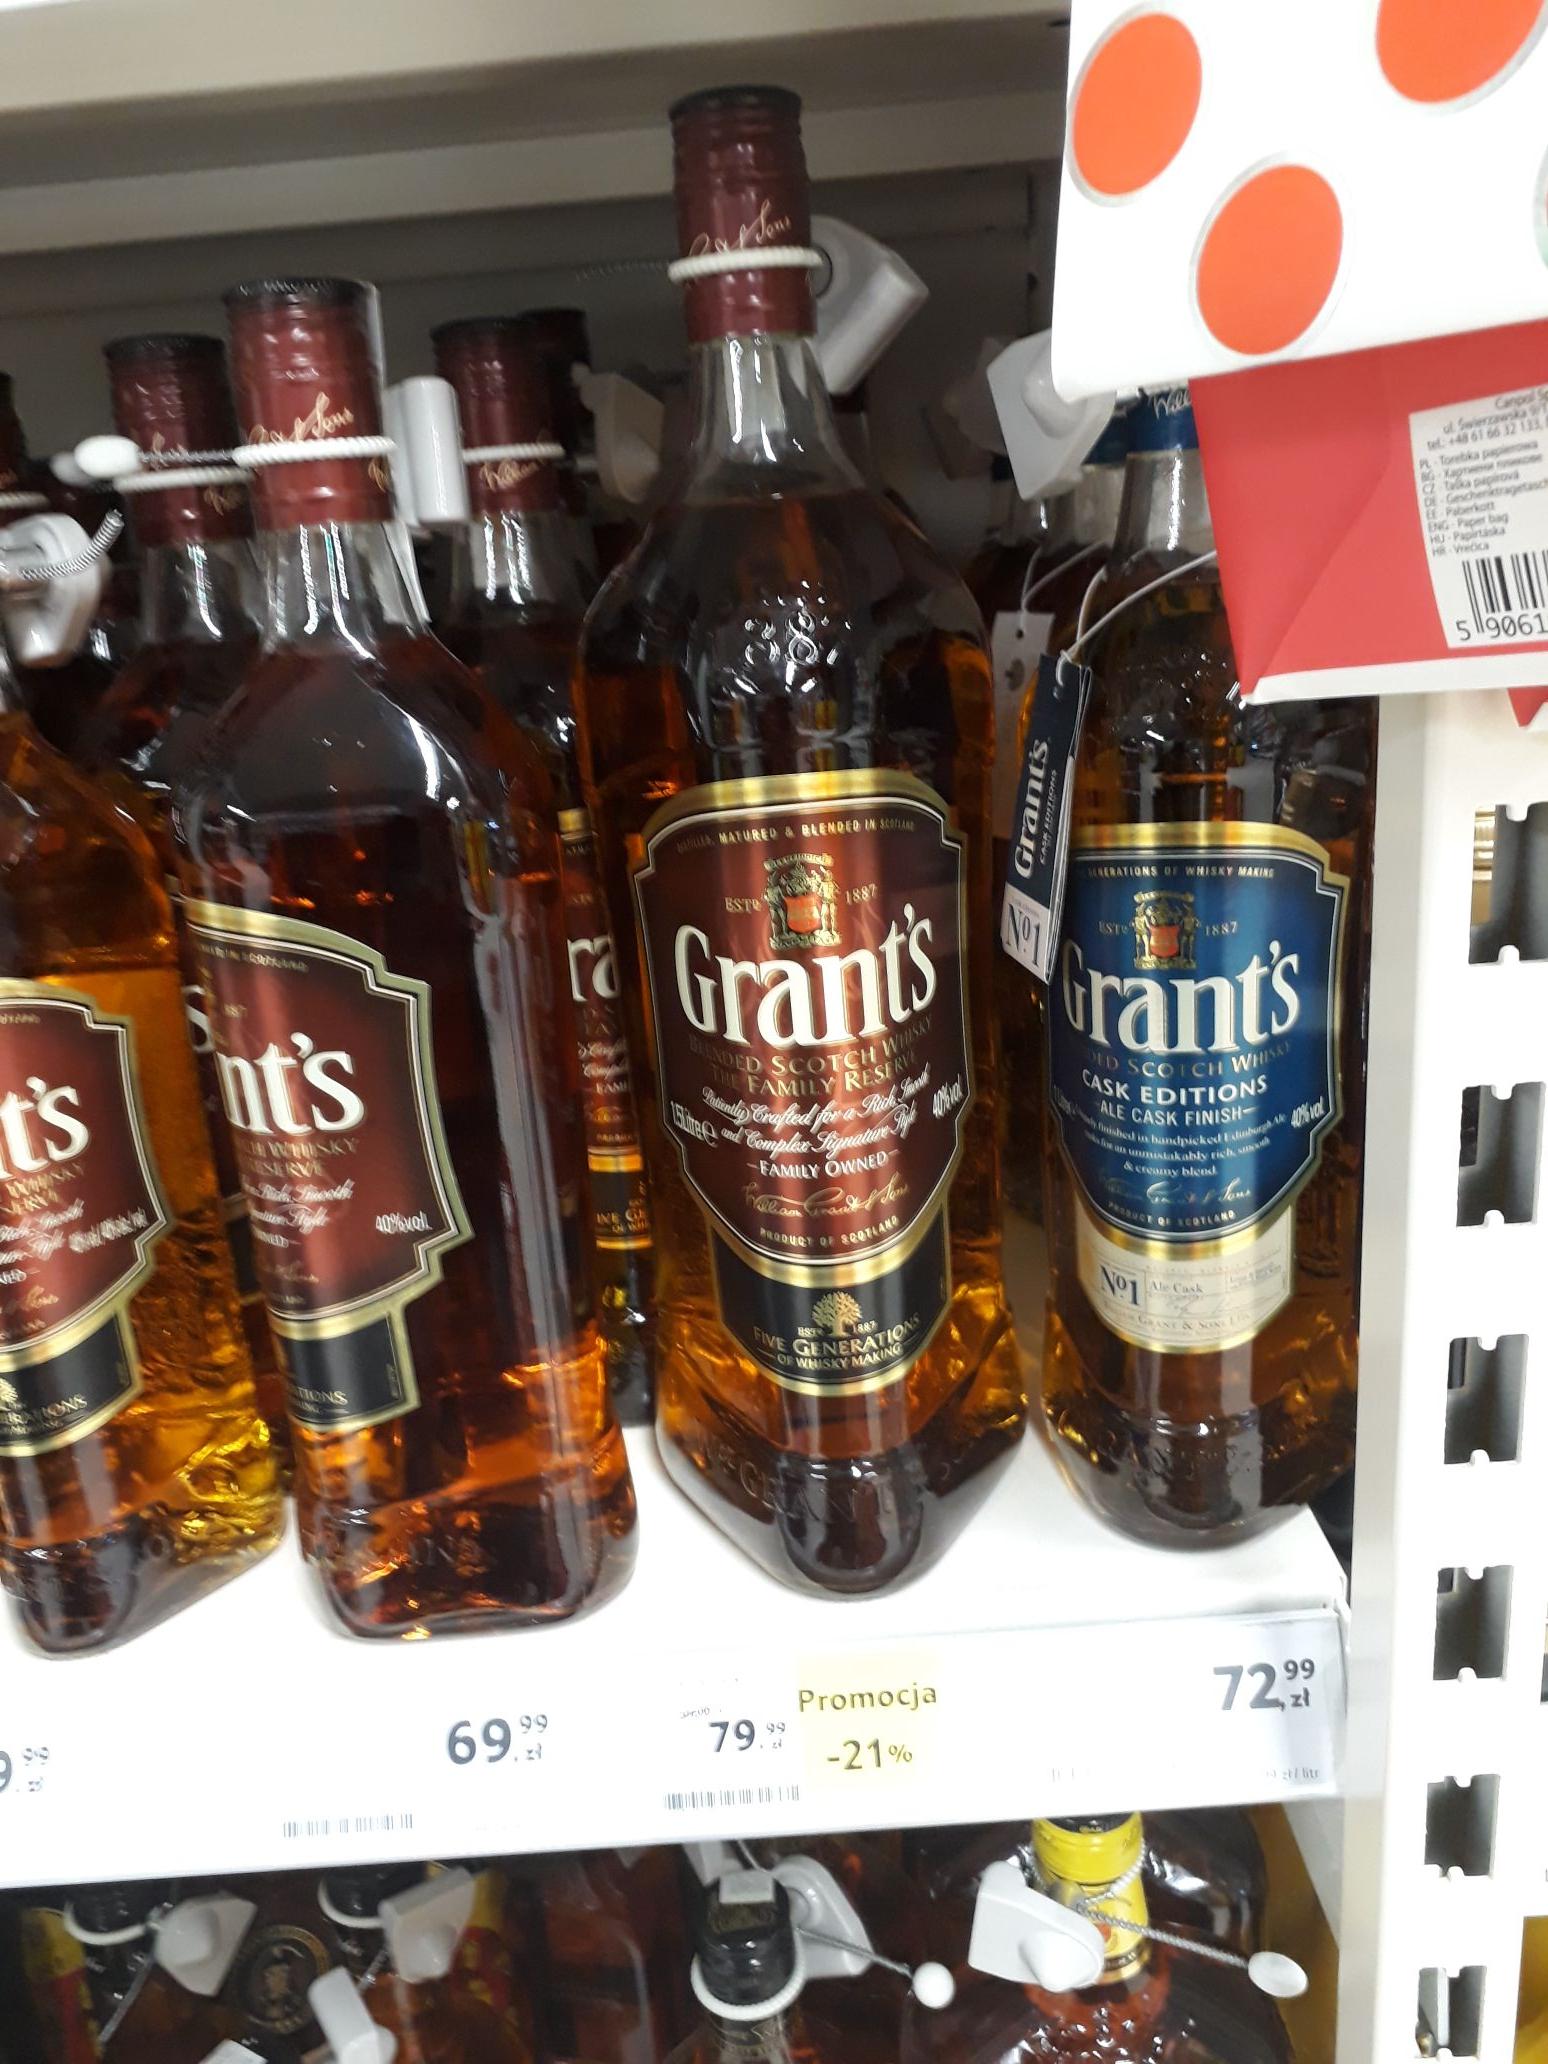 Whisky Grant's 1.5l.Z kuponami możliwa cena 64.99 tylko sprawdzcie apke ;)